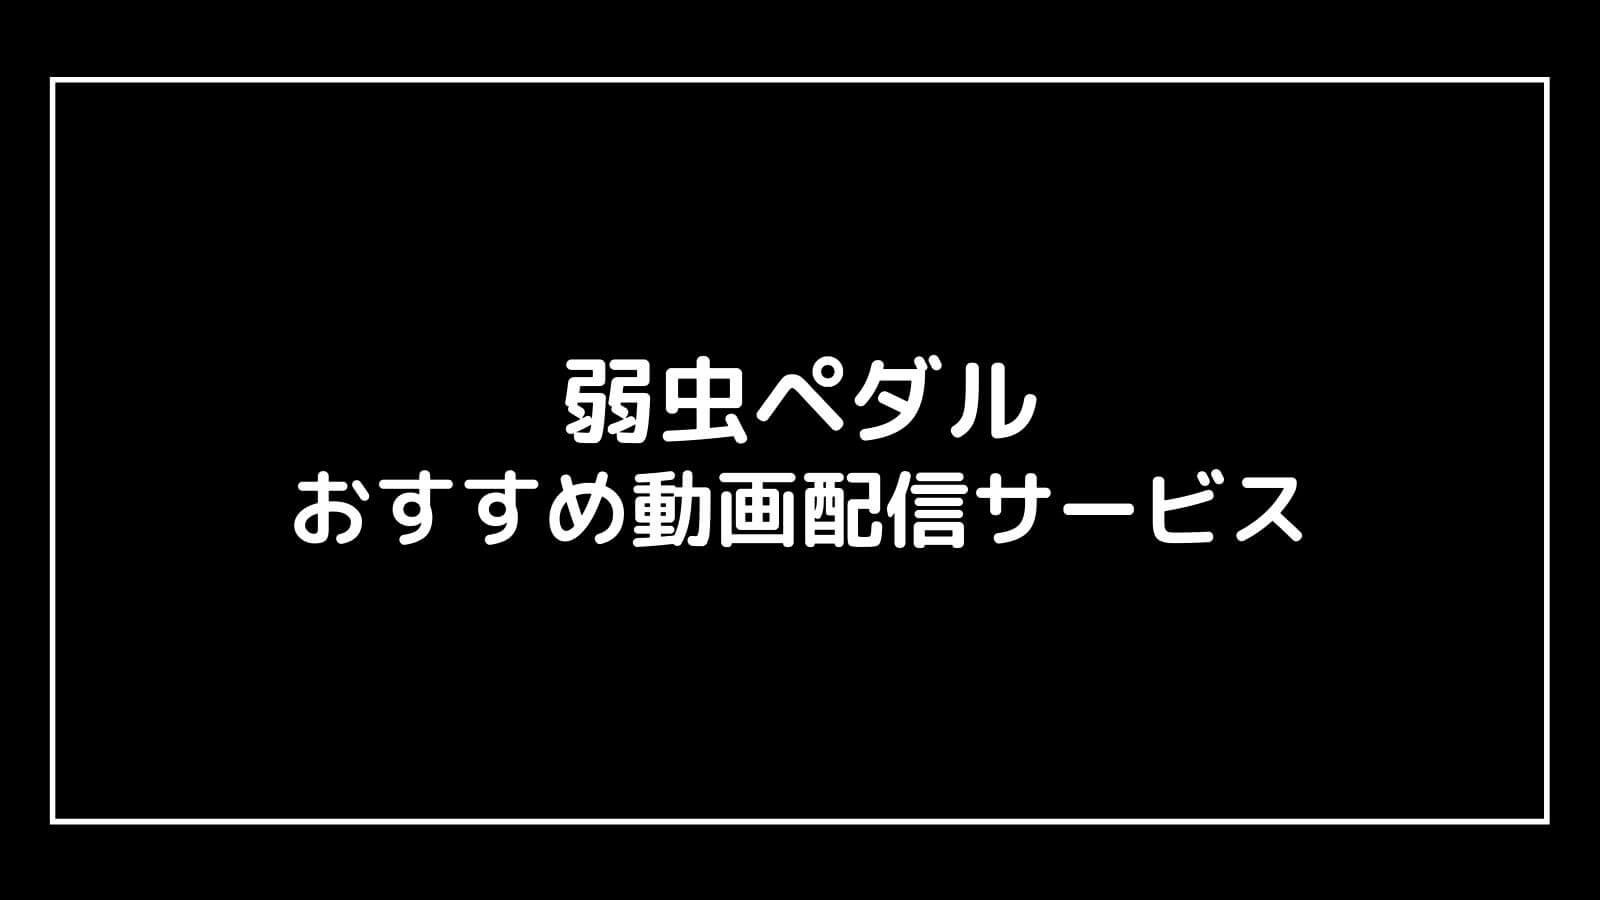 永瀬廉主演『弱虫ペダル』実写映画を無料視聴できるおすすめ動画配信サービス